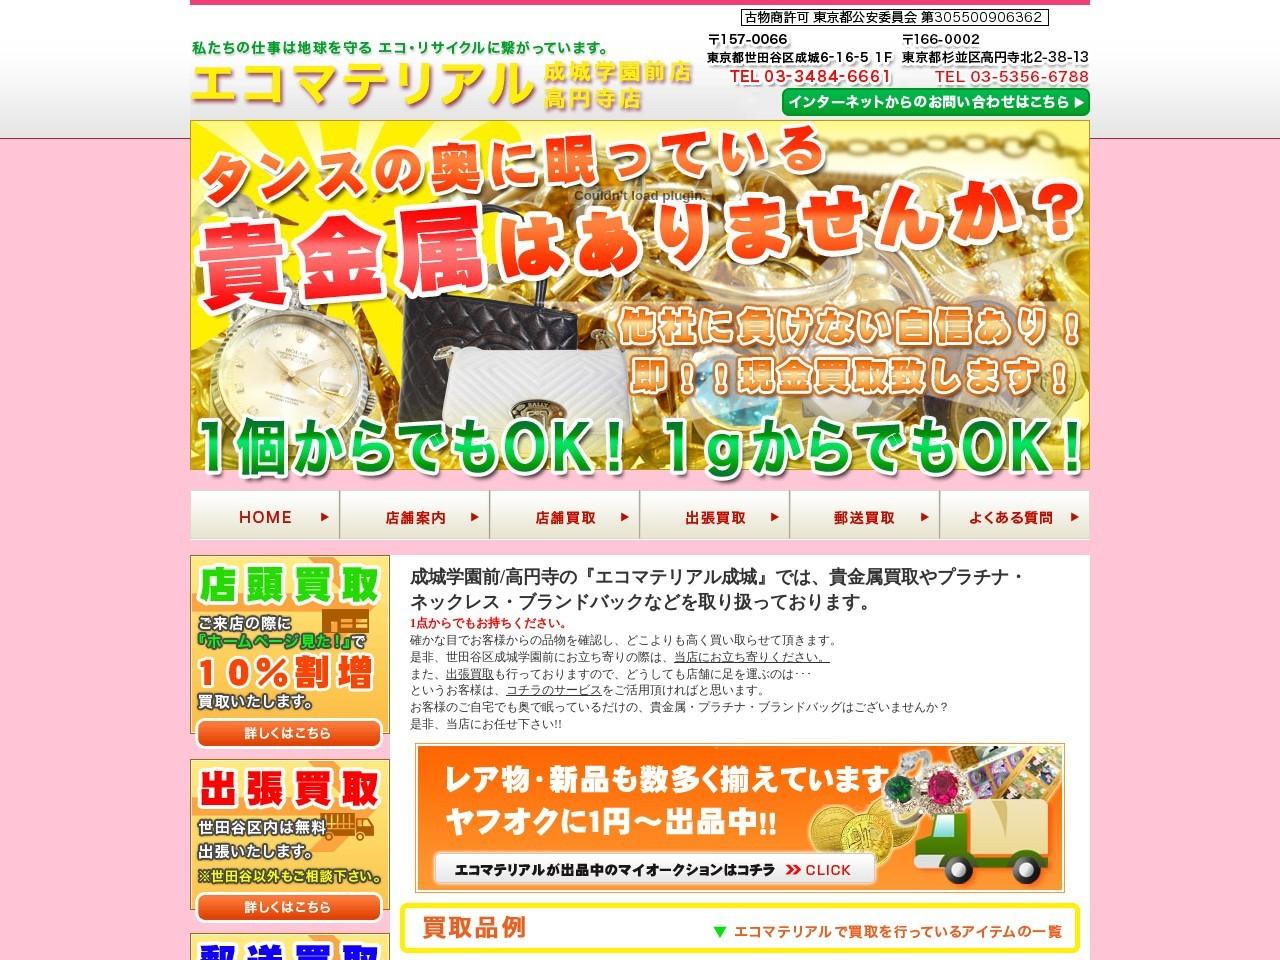 成城学園前金高価買取|成城学園前の貴金属高価買取店なら当店にお任せ下さい!!